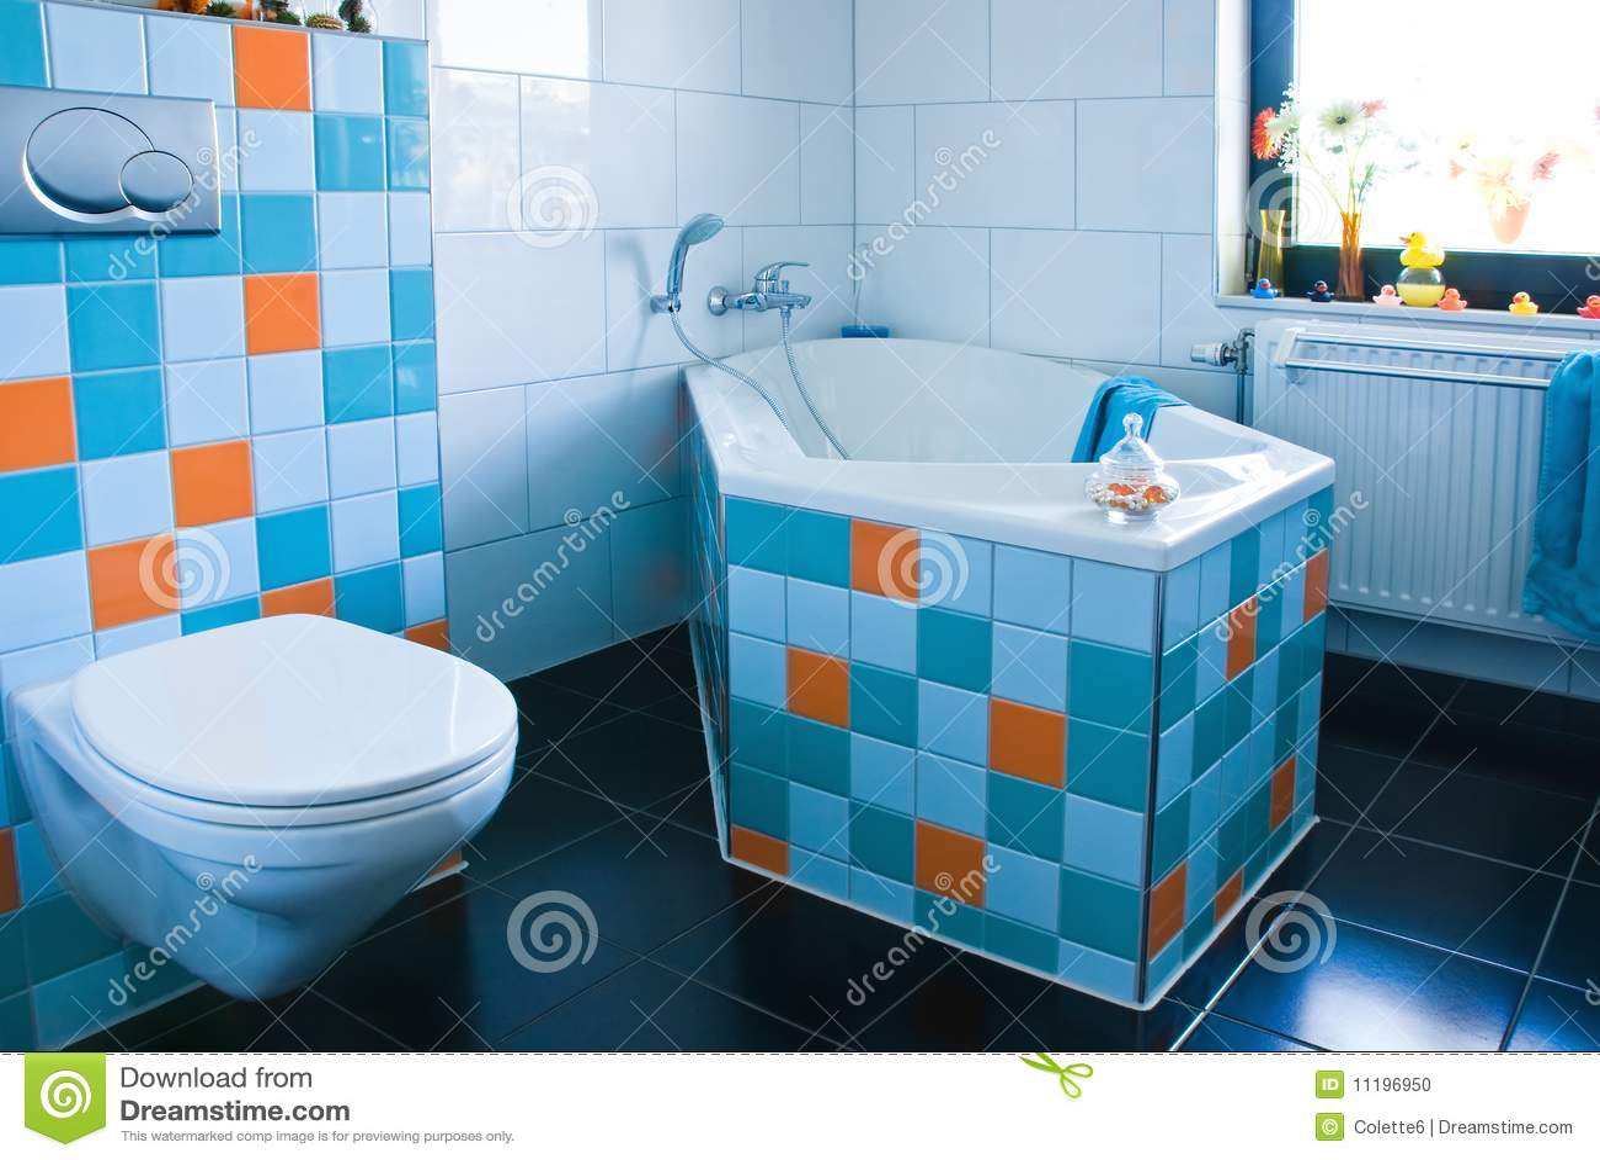 Baño Azul Con Blanco:blanco, suelo negro, colorido adornados con los azulejos en azul azul